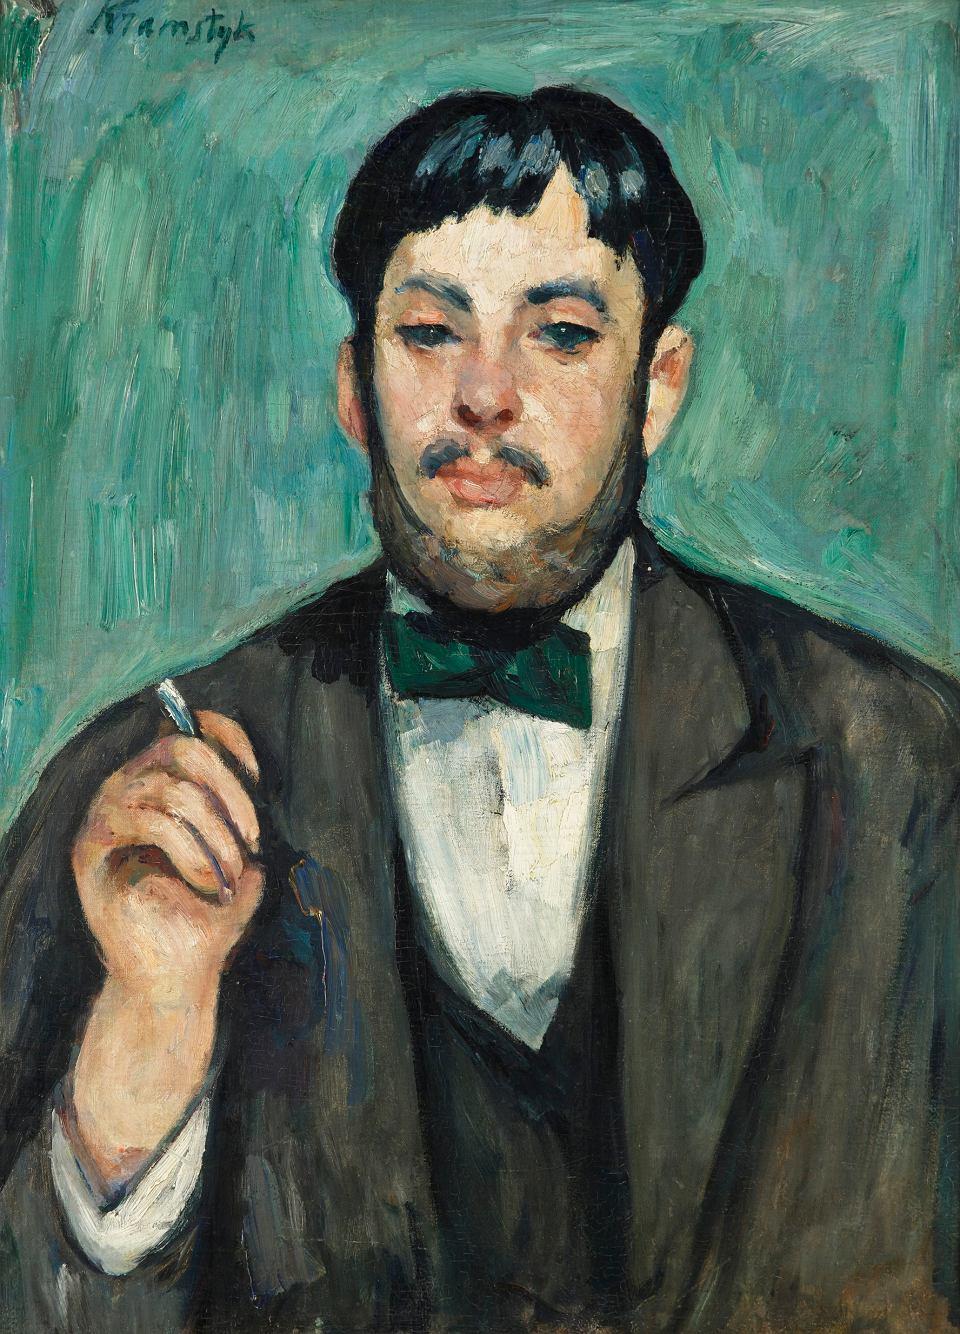 """Roman Kramsztyk (1885-1942) """"Portret Pana B (Mężczyzna z papierosem)"""", źródło: Muzeum Górnośląskie w Bytomiu"""